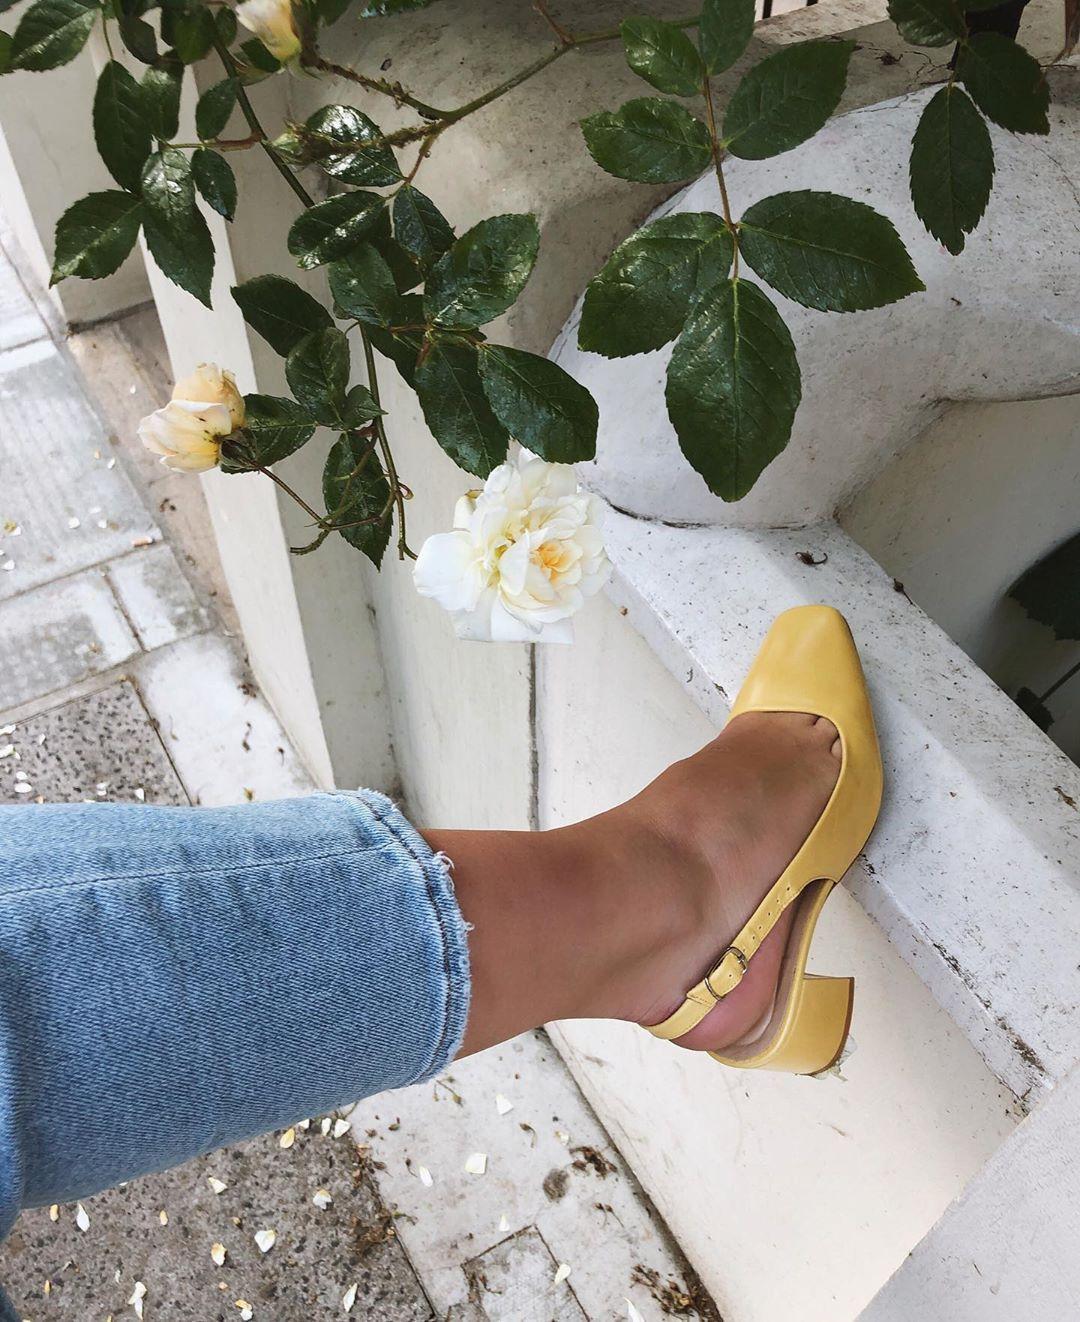 Boutique Officielle Jonak in 2020 | Shoes, Trendy